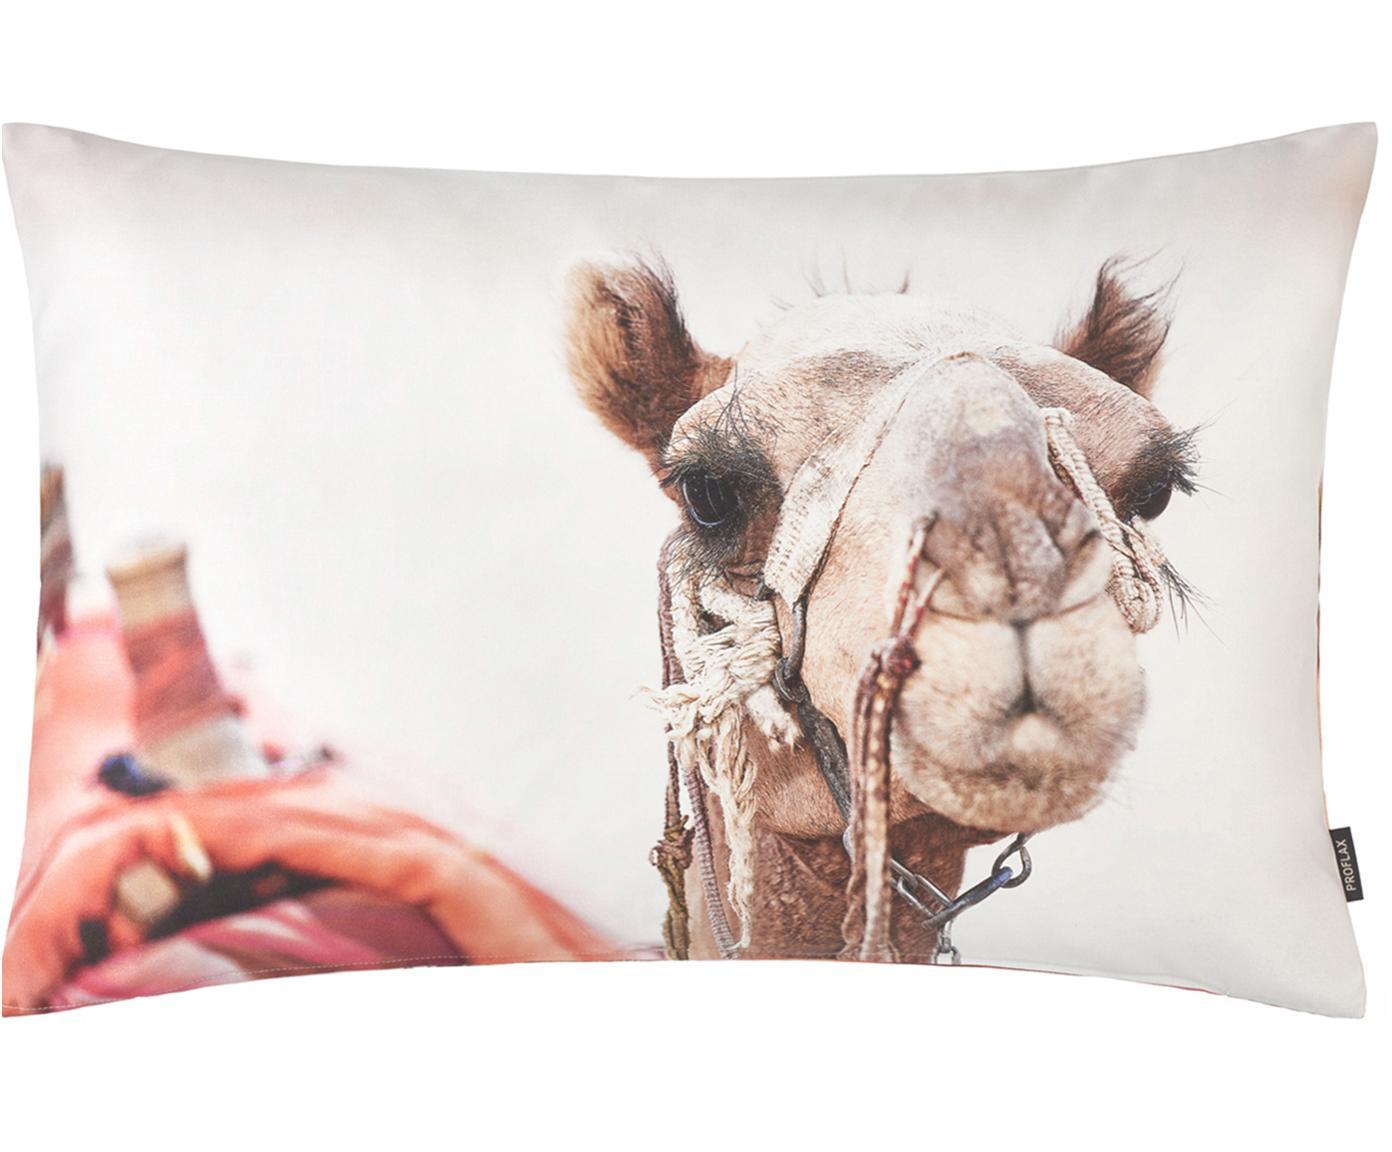 Kussenhoes Sarabi met kamelen motief, Katoen, Beige, multicolour, 40 x 60 cm